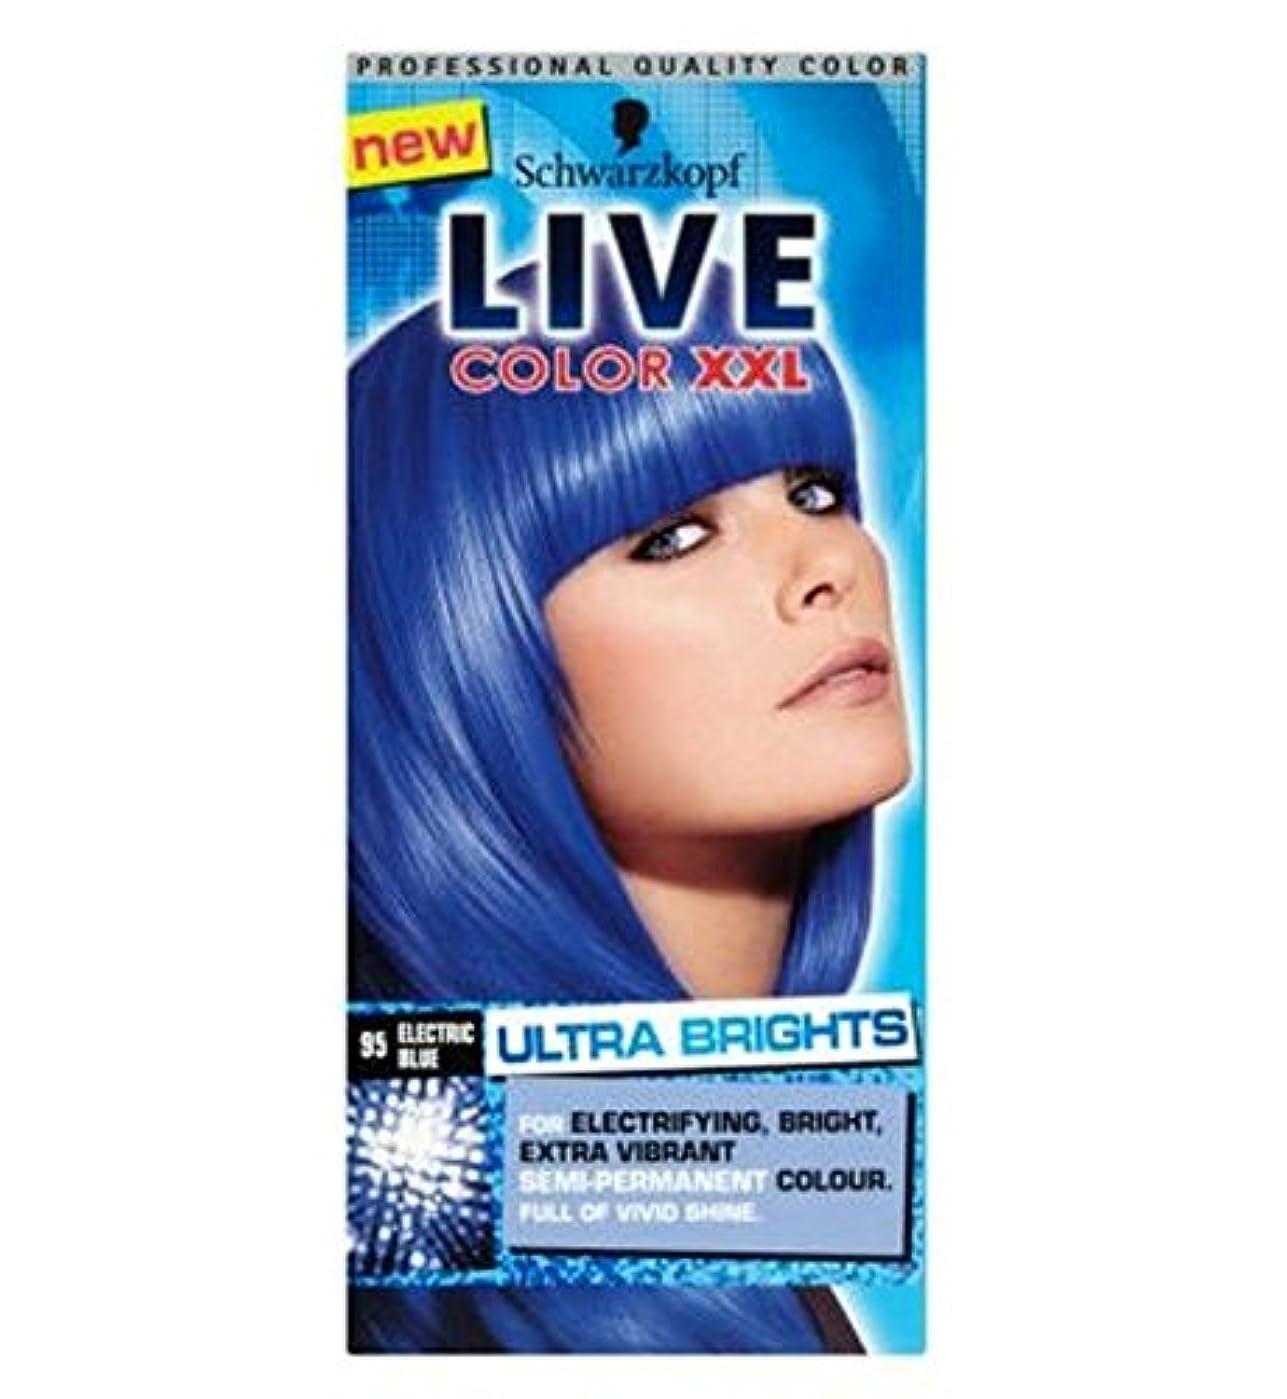 カヌー付属品申請者Schwarzkopf LIVE Color XXL Ultra Brights 95 Electric Blue Semi-Permanent Blue Hair Dye - シュワルツコフライブカラーXxl超輝95エレクトリックブルー半永久的な青い髪の染料 (Schwarzkopf) [並行輸入品]